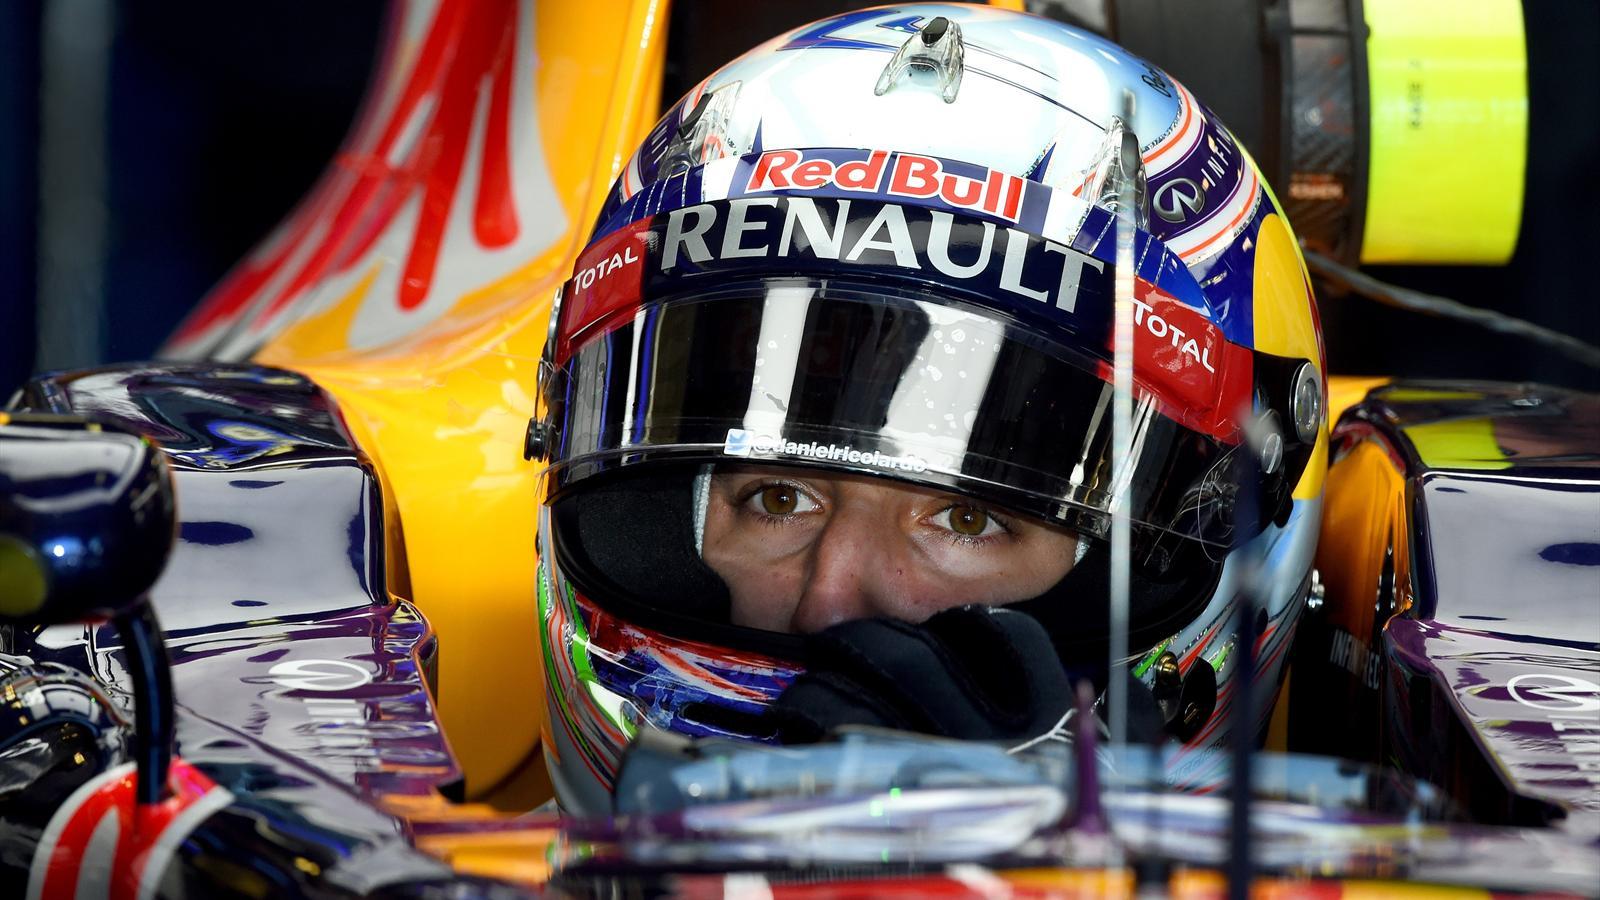 Spécial Sebastian Vettel (Formule un) - Page 11 1434876-30694398-1600-900